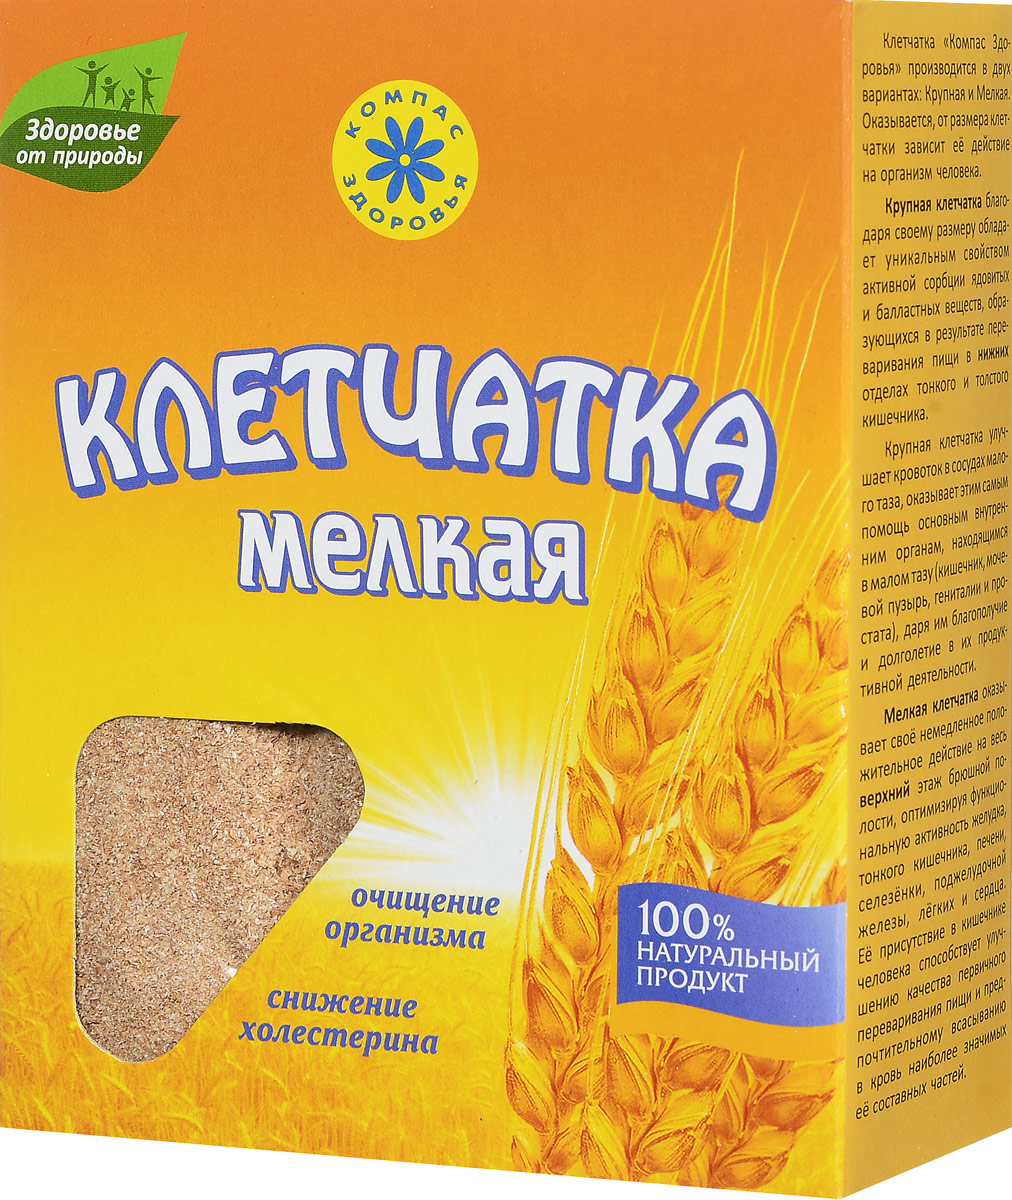 Компас Здоровья Мелкая клетчатка пшеничная, 200 г24Мелкая клетчатка получена путём измельчения наружного слоя зерен пшеницы, выращенной в экологически чистых районов Алтая.Самое главное свойство мелкой клетчатки: она помогает легким и сердцу, верхним отделам желудочно-кишечного тракта вырабатывать тканевые гормоны. Это особые вещества, обеспечивающие единство в работе всех систем организма, гуморальное взаимодействие между органами, их подстройку друг к другу и, при необходимости, – помощь (например, ослабло сердце – почки должны удалить избыток воды из организма, а сигнал к этому подают тканевые гормоны).Мелкая клетчатка помогает кишечнику вырабатывать эти вещества – дирижёры. Верхний этаж брюшной полости успешно не только переваривает пищу, но и управляет обменом веществ в целом.